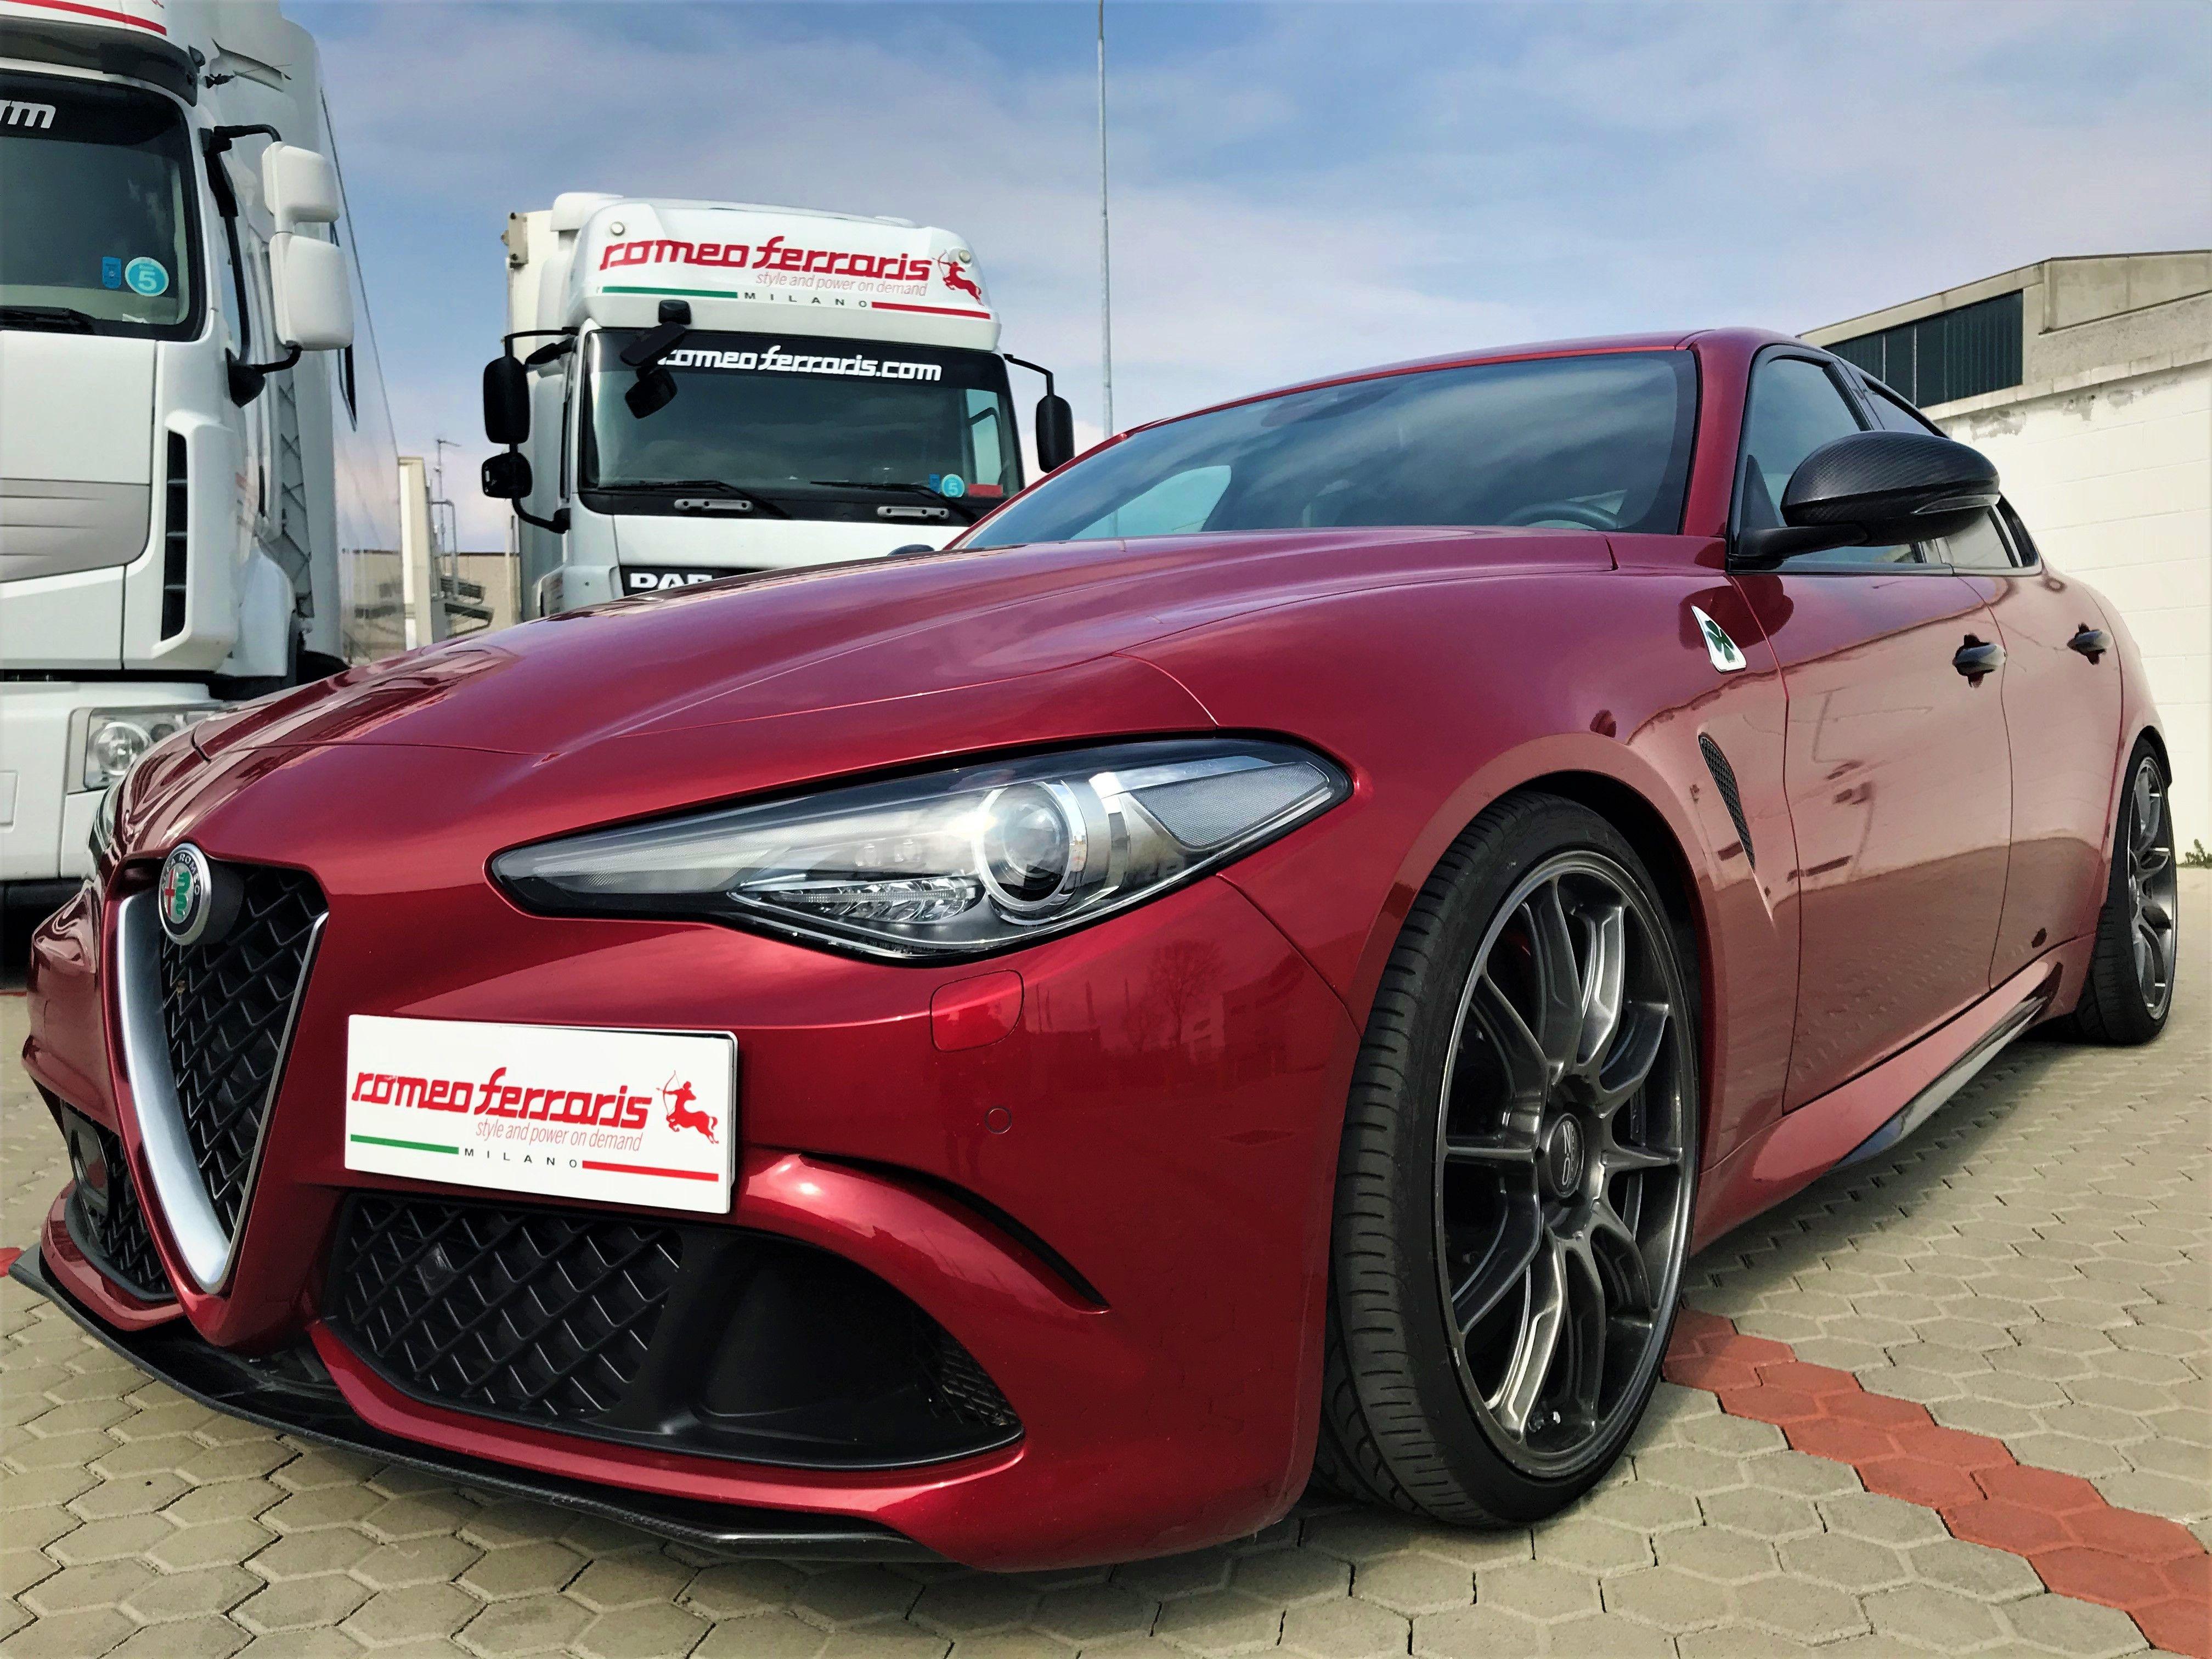 Giulia coupè: Alfa Romeo pronta al lancio nel 2019?